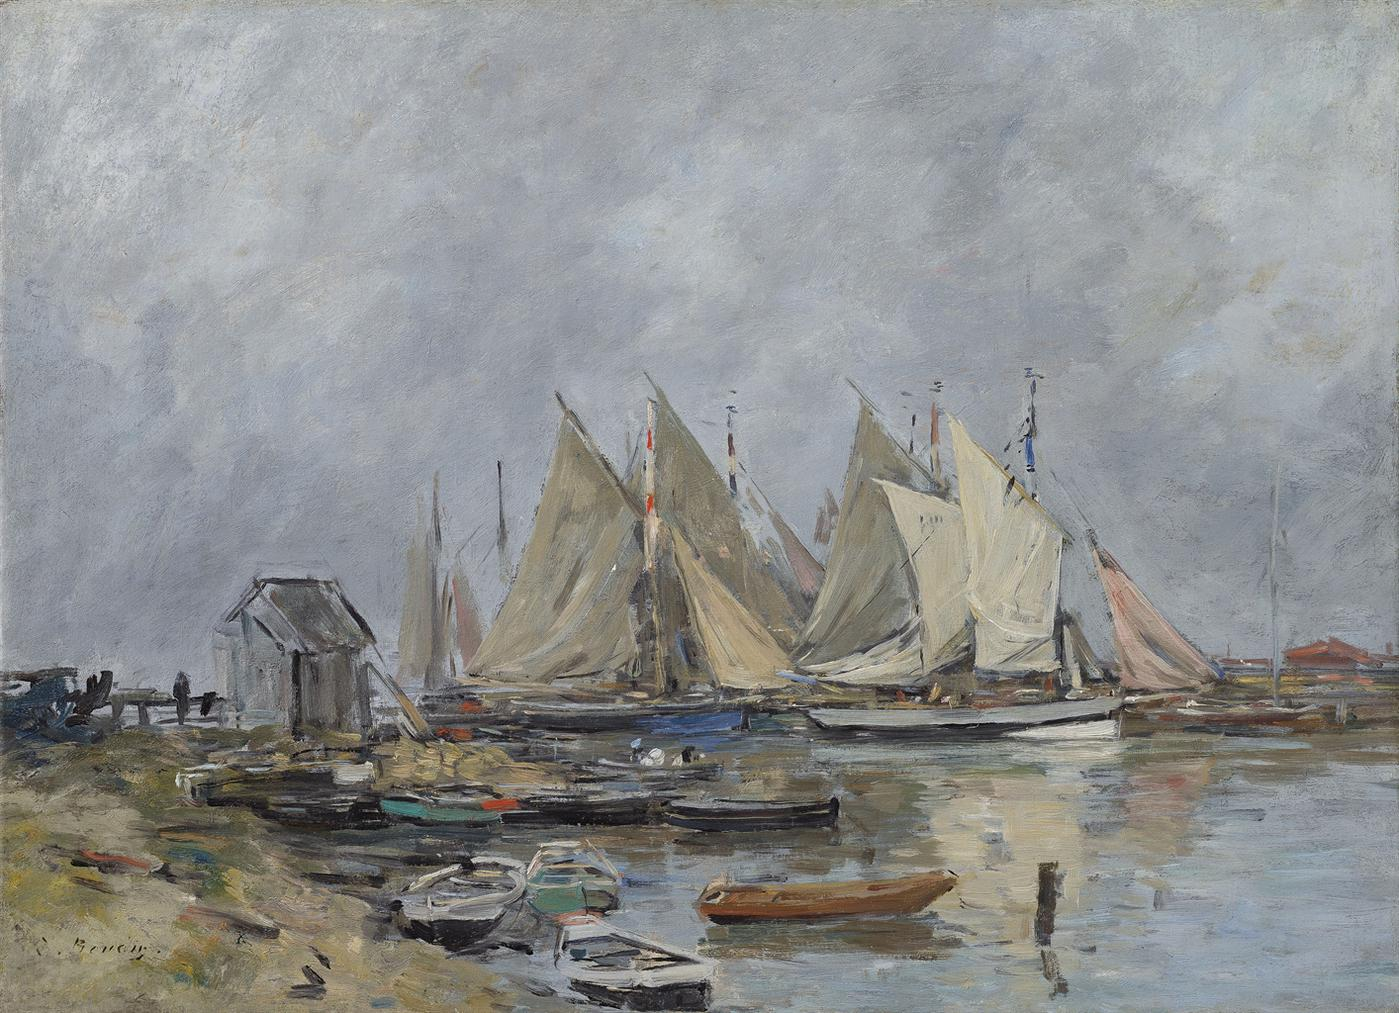 Eugene Louis Boudin-Trouville, Le Port, Barques Et Canots-1885